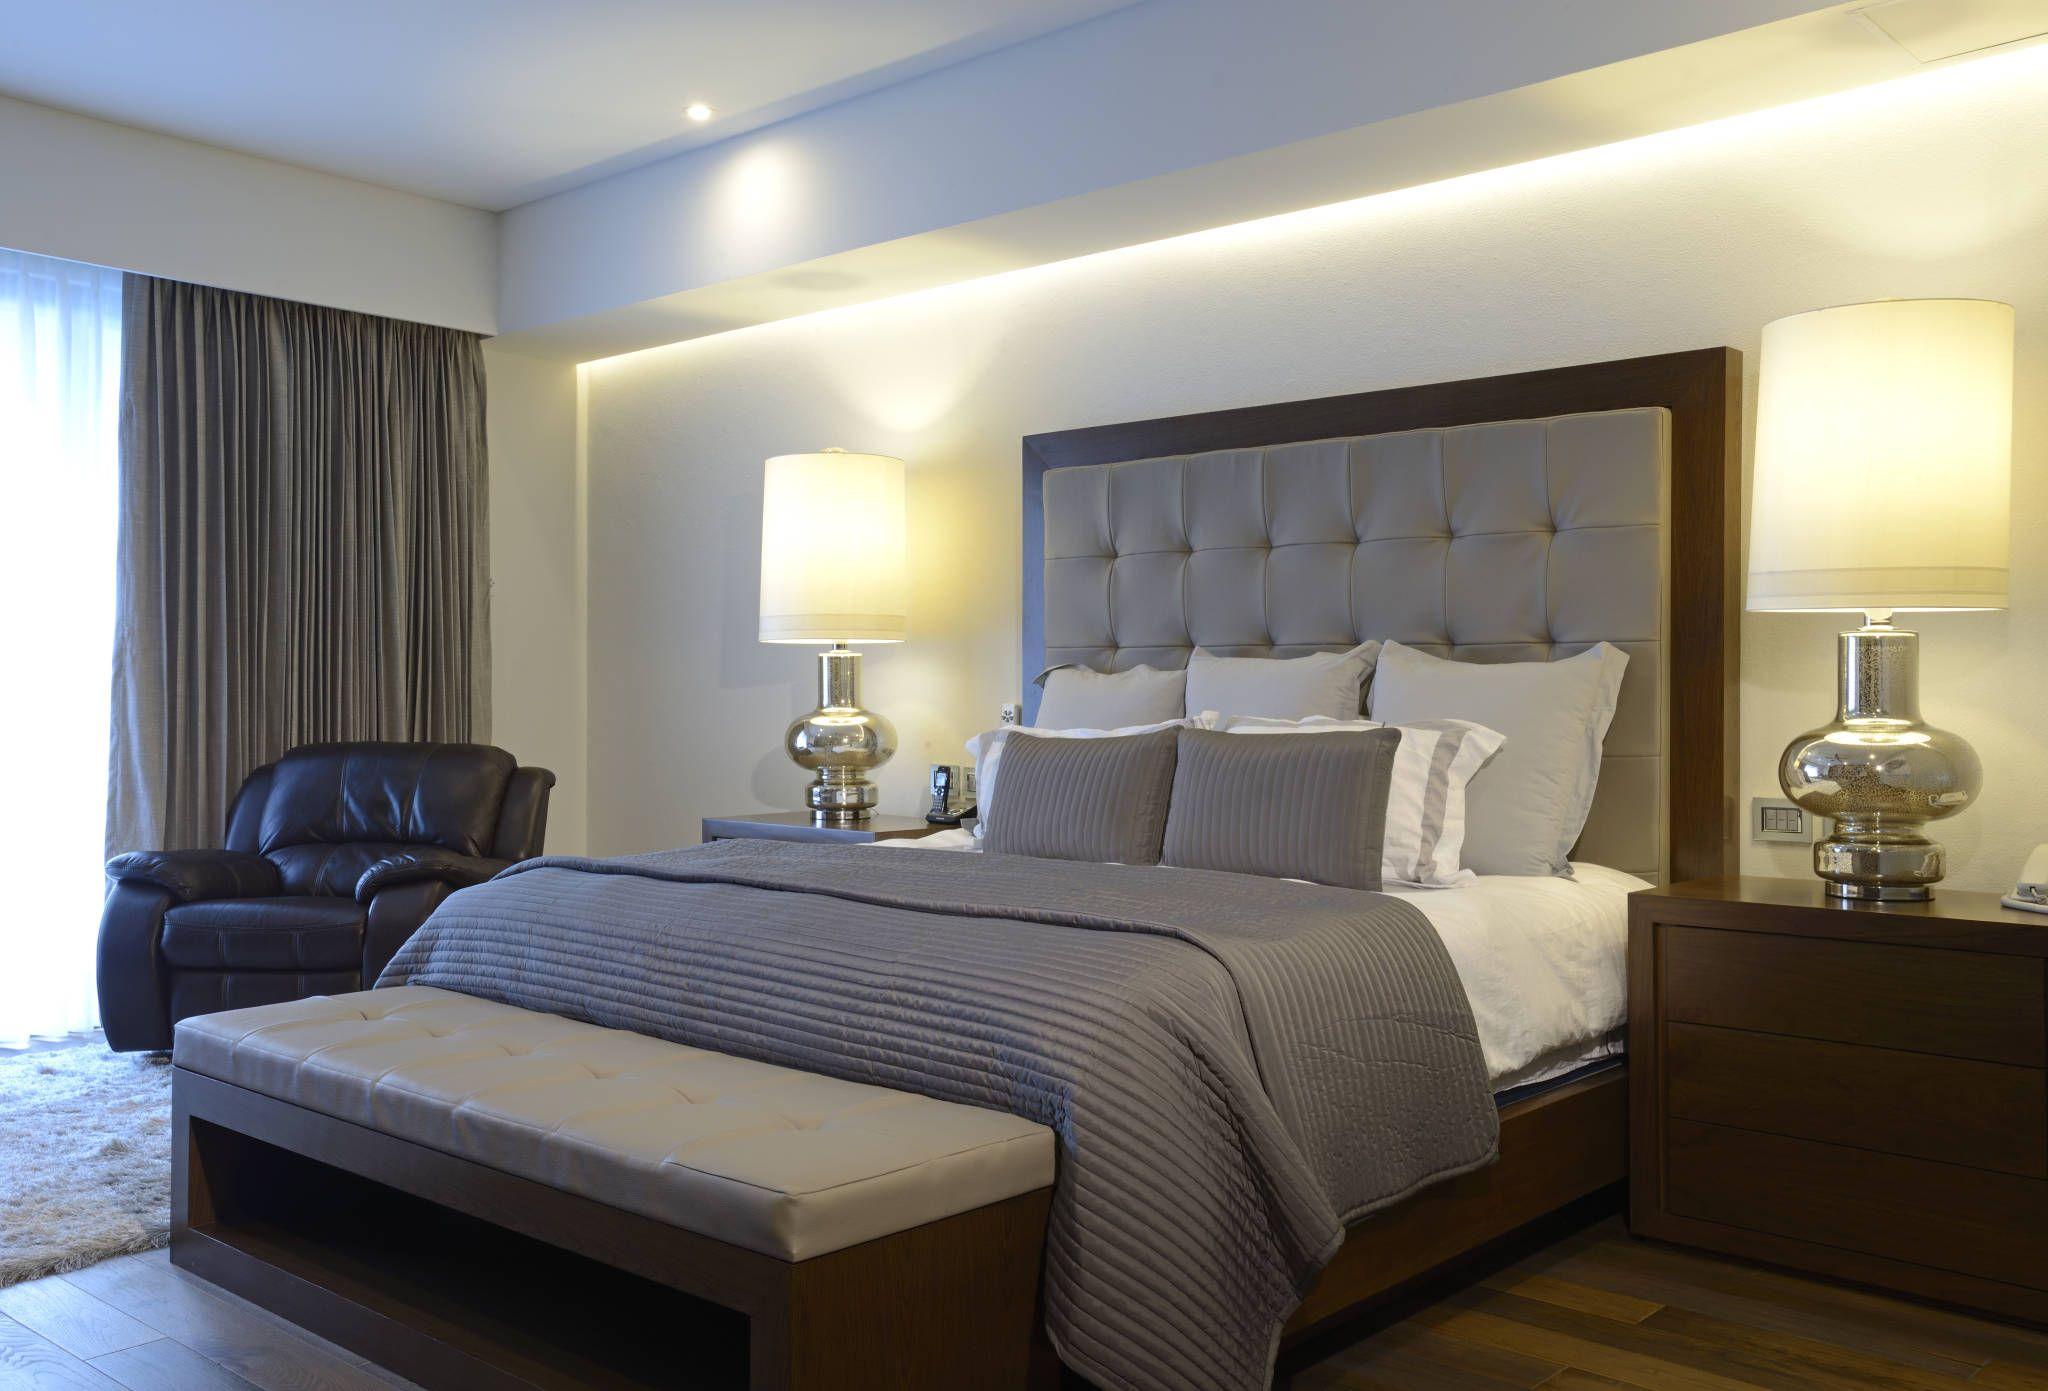 Ideas im genes y decoraci n de hogares bedrooms for Decoracion de recamaras